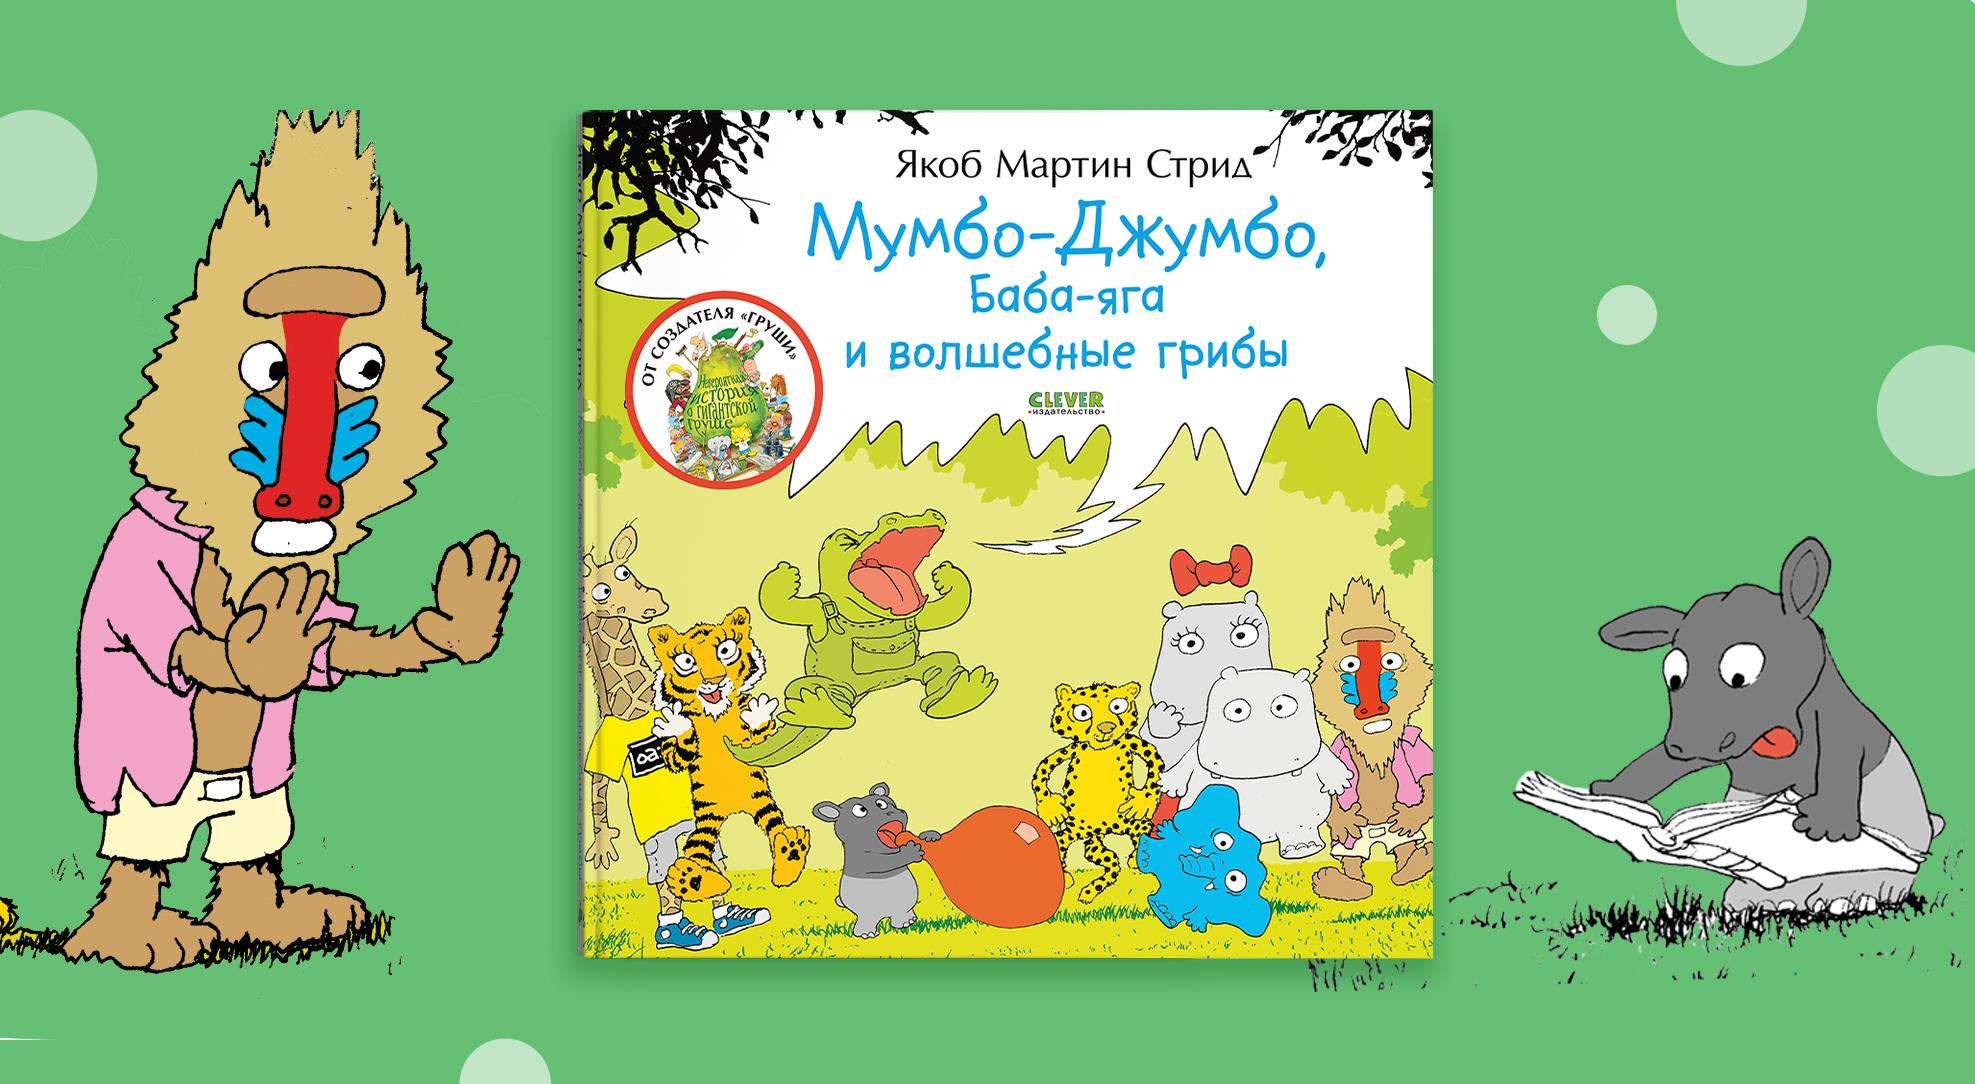 Новая книга от создателя «Невероятной истории о гигантской груше»